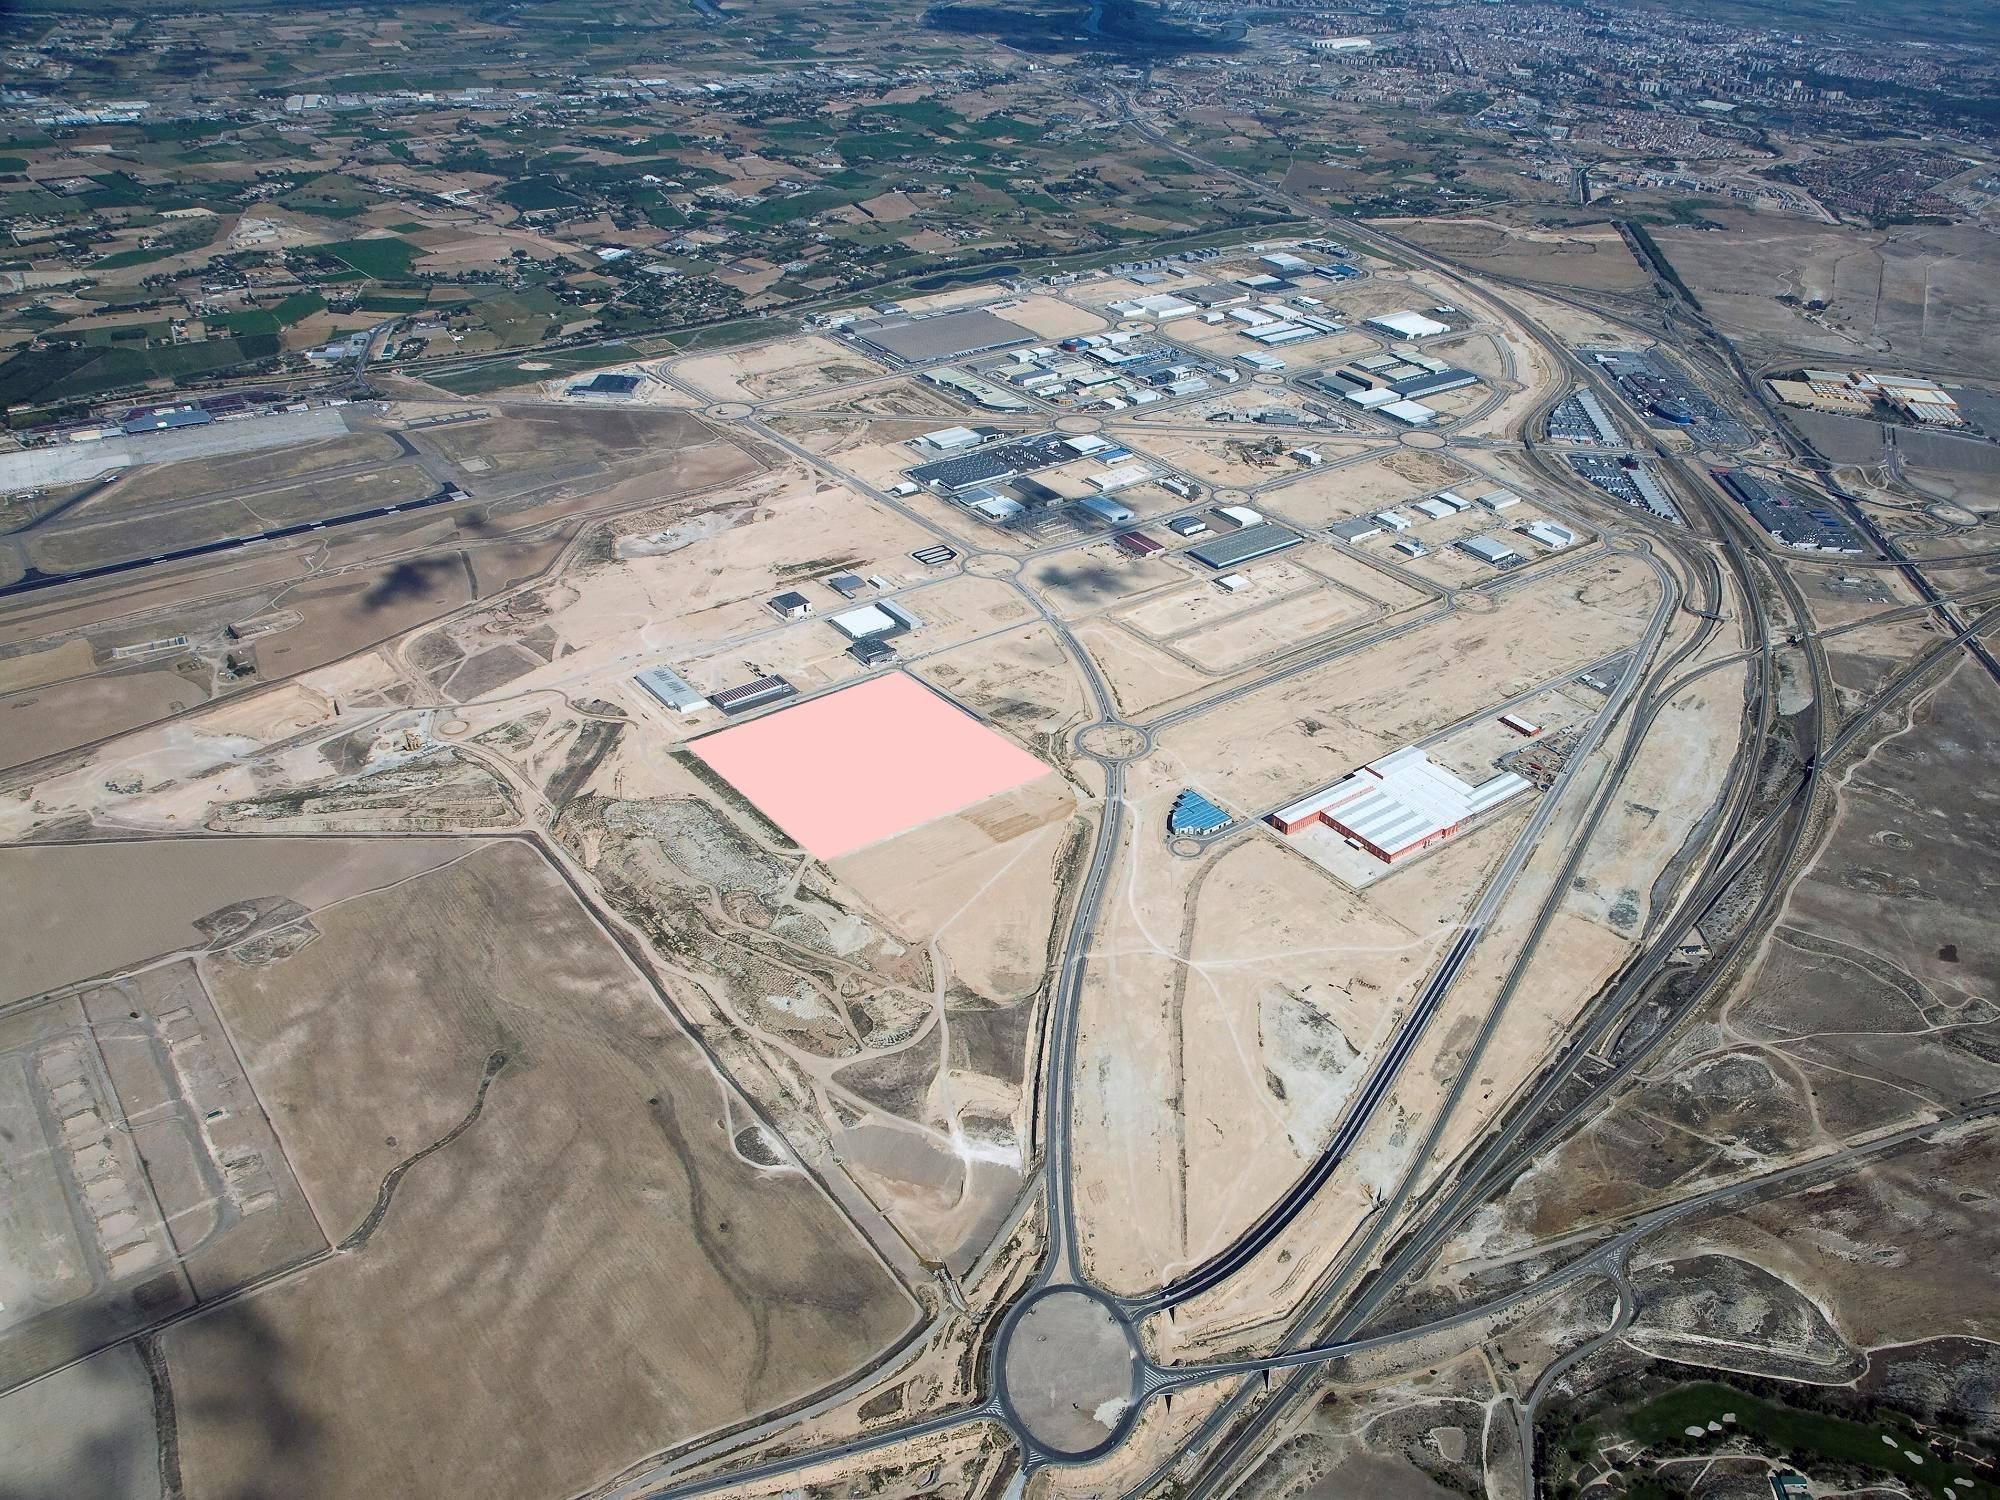 PLAZA busca promotores para explotar un parking de camiones y producir energía solar en una parcela de 50.000 metros